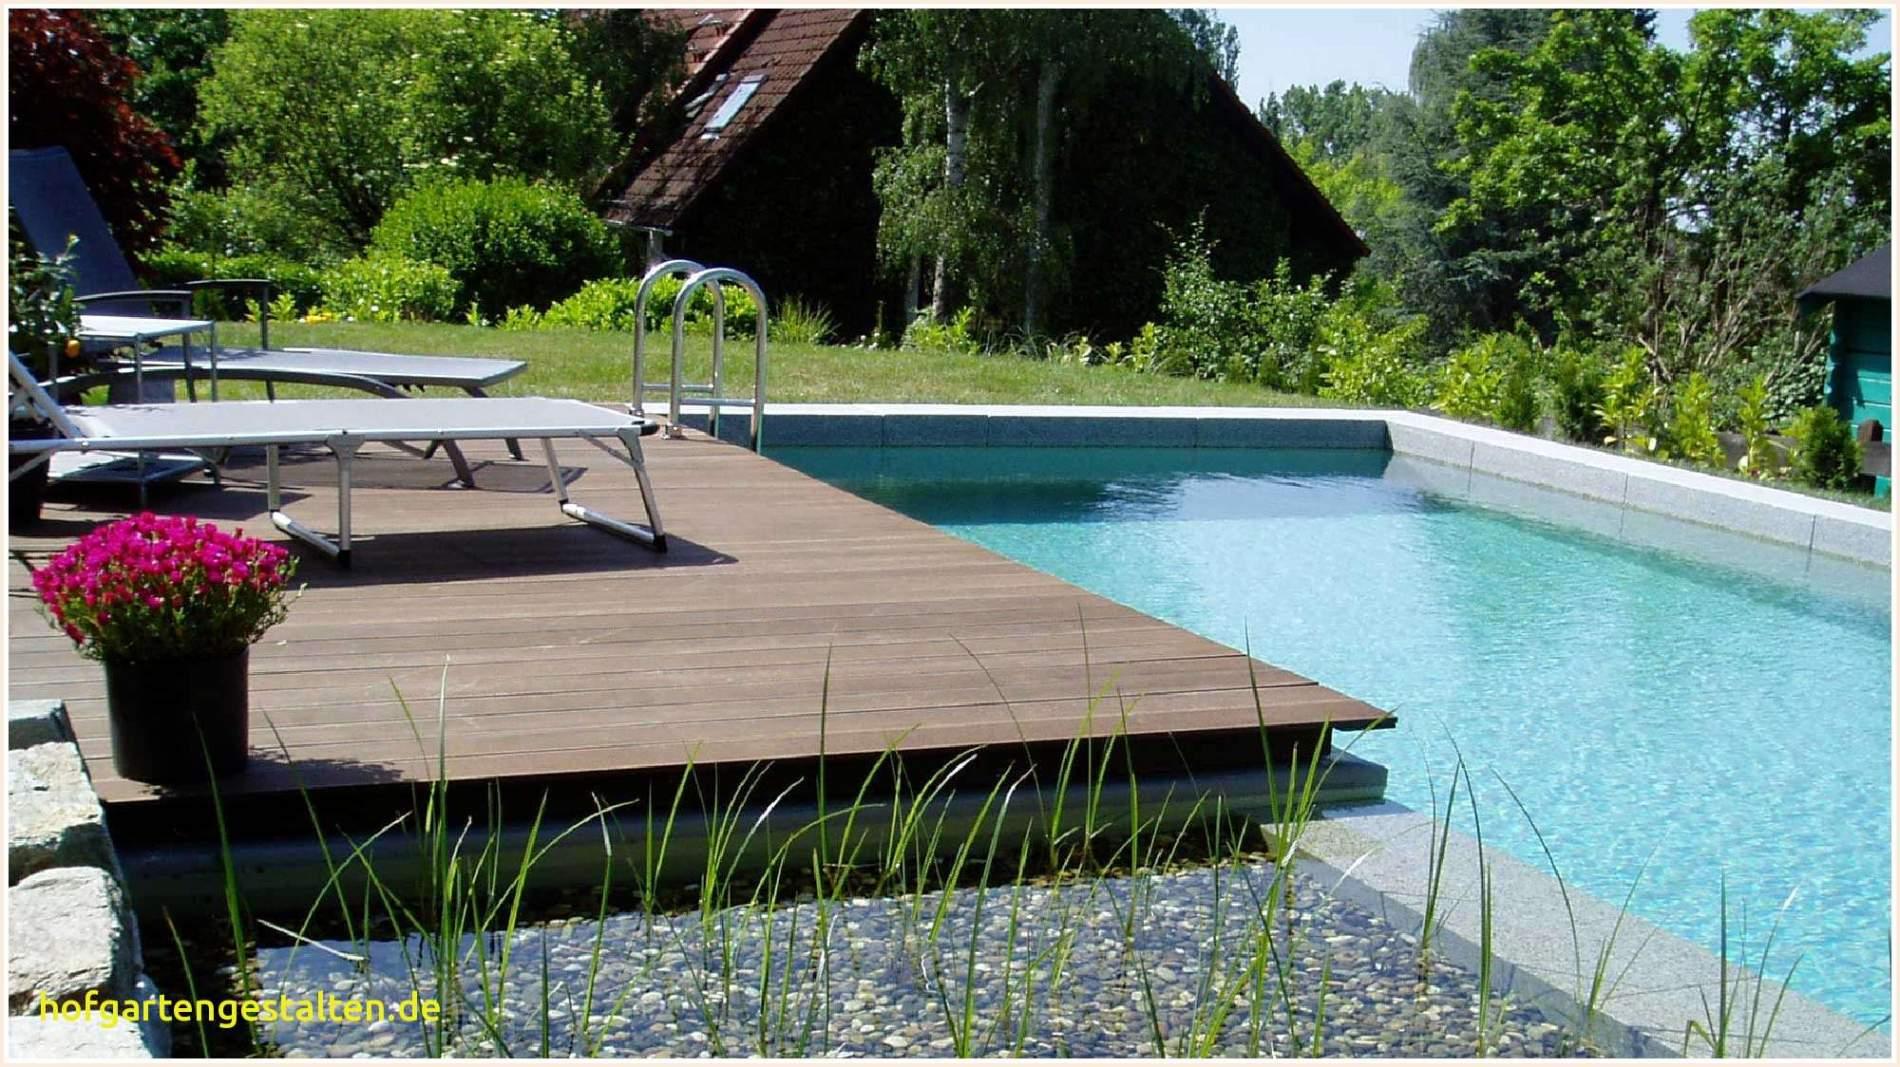 42 schon kleine pools fur kleine garten pic kleine pools fur kleine garten kleine pools fur kleine garten